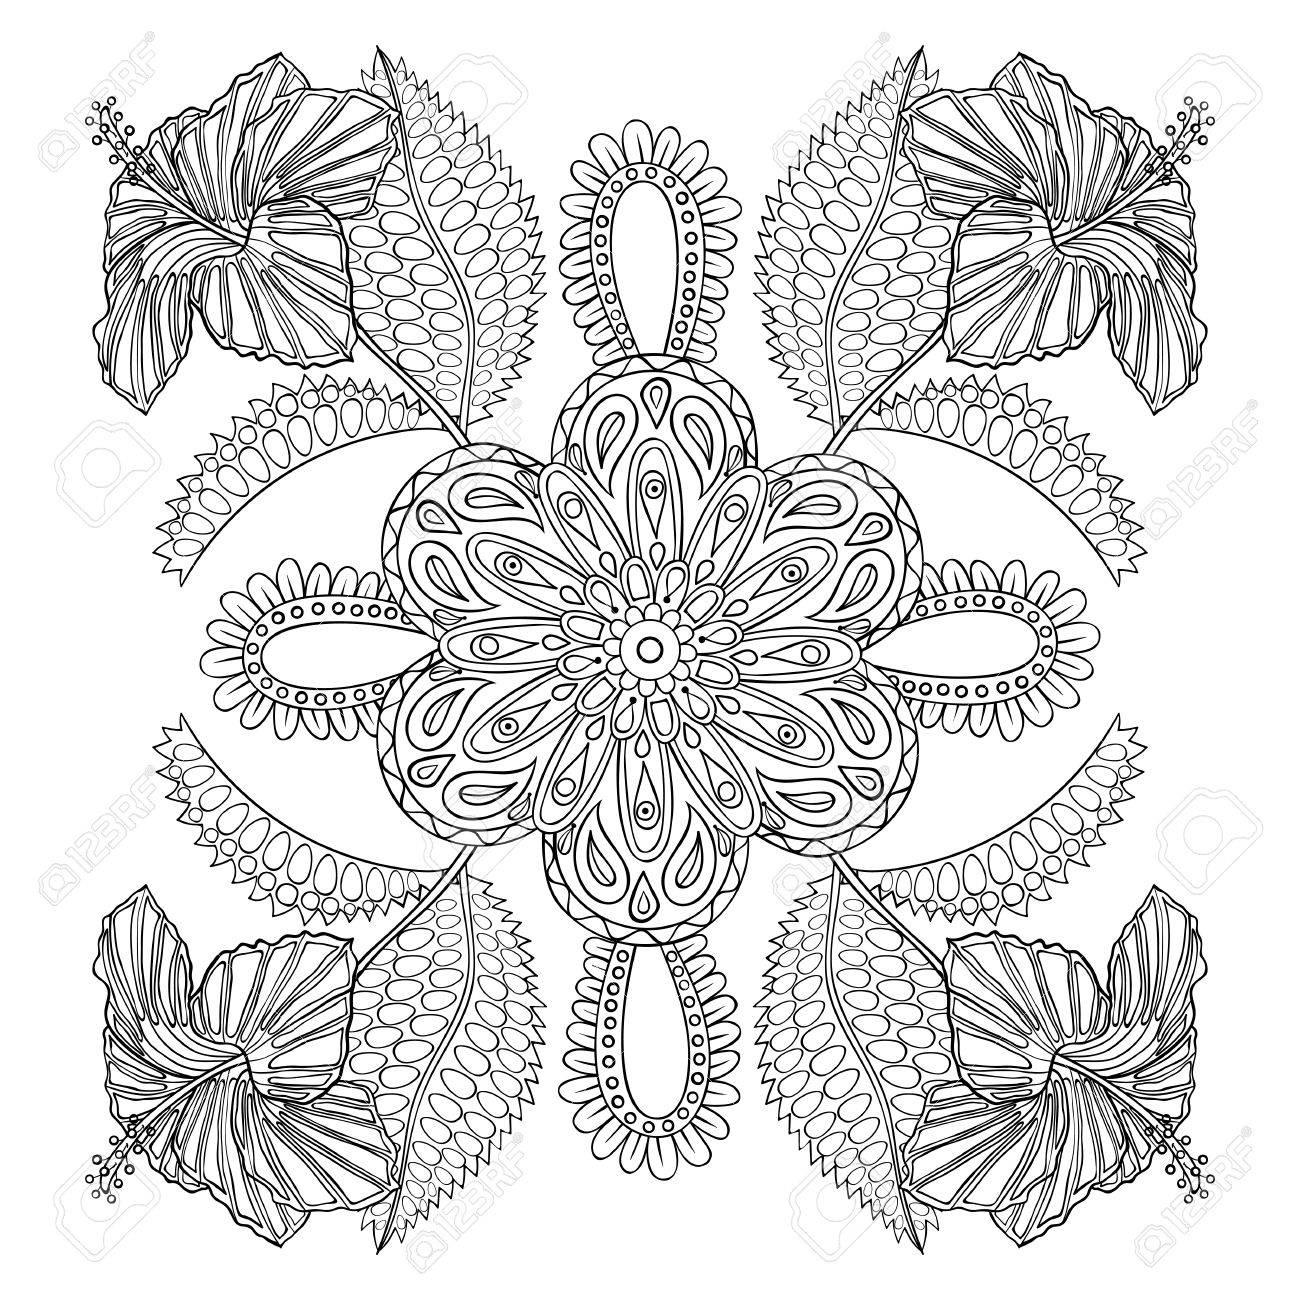 Página Para Colorear Con Flores Exóticas Almuerzo, Illustartion ...